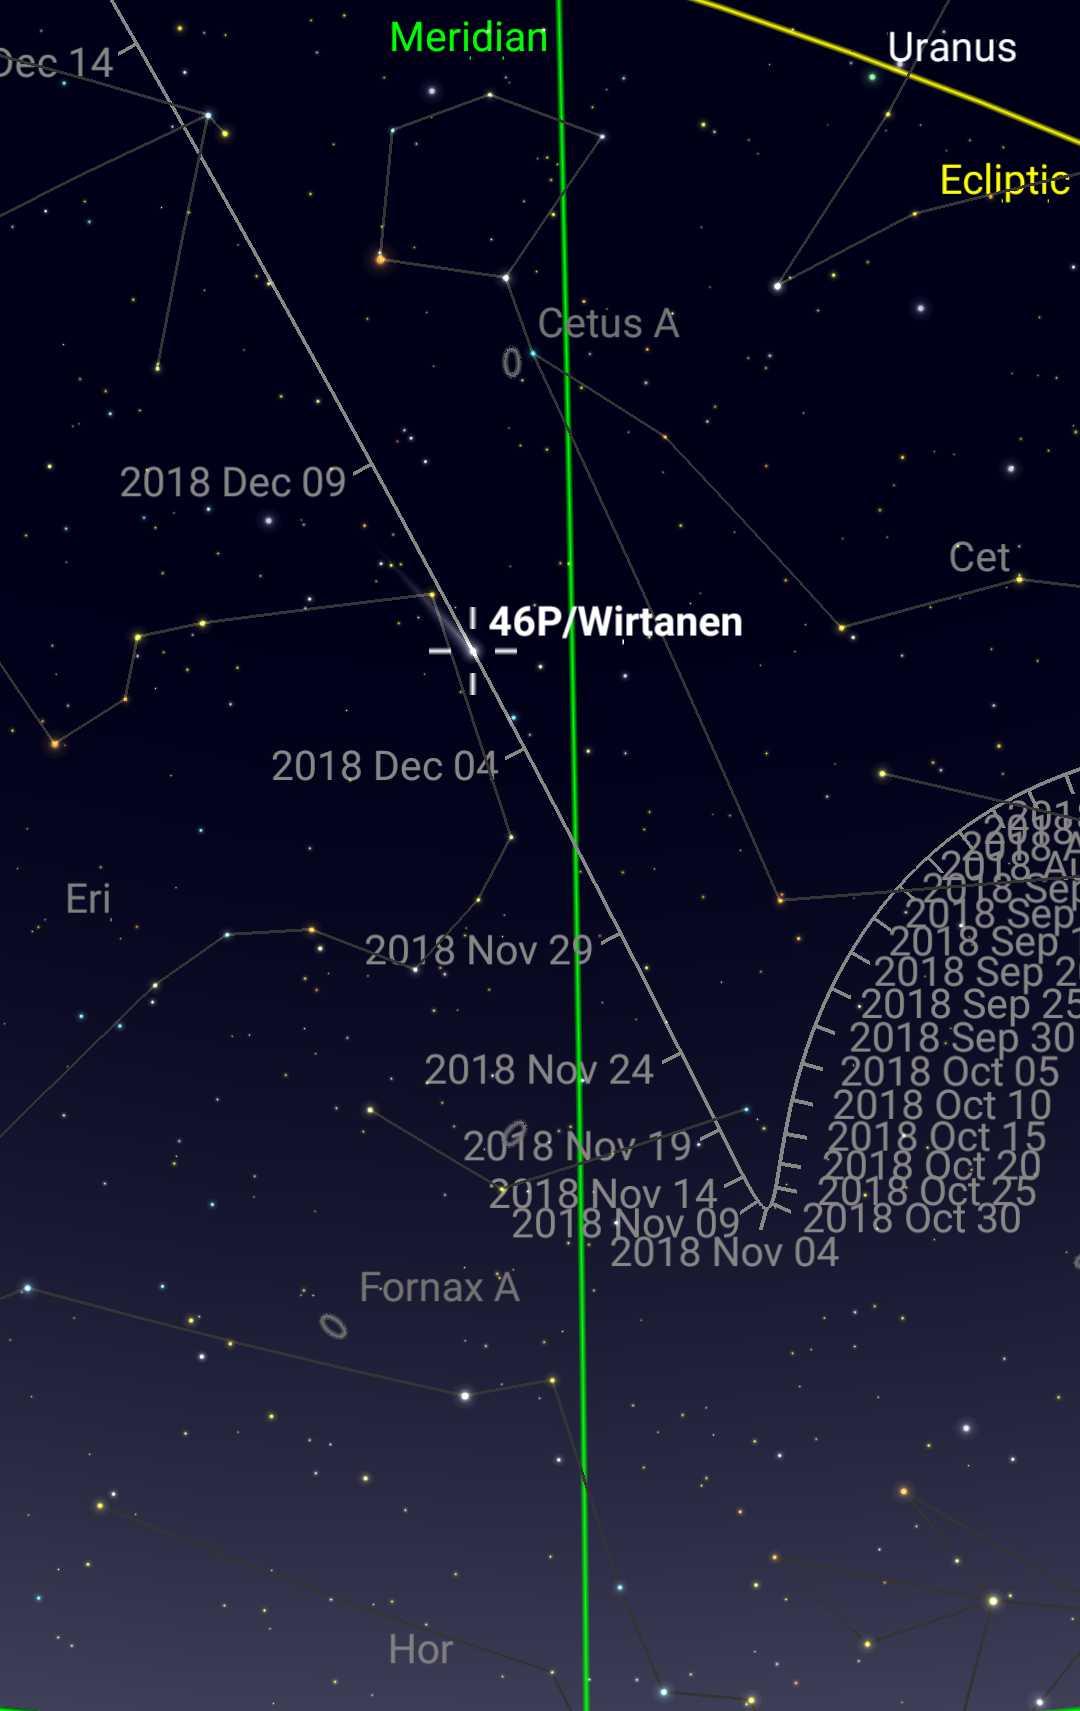 Trayectoria del cometa 46P/Wirtanen